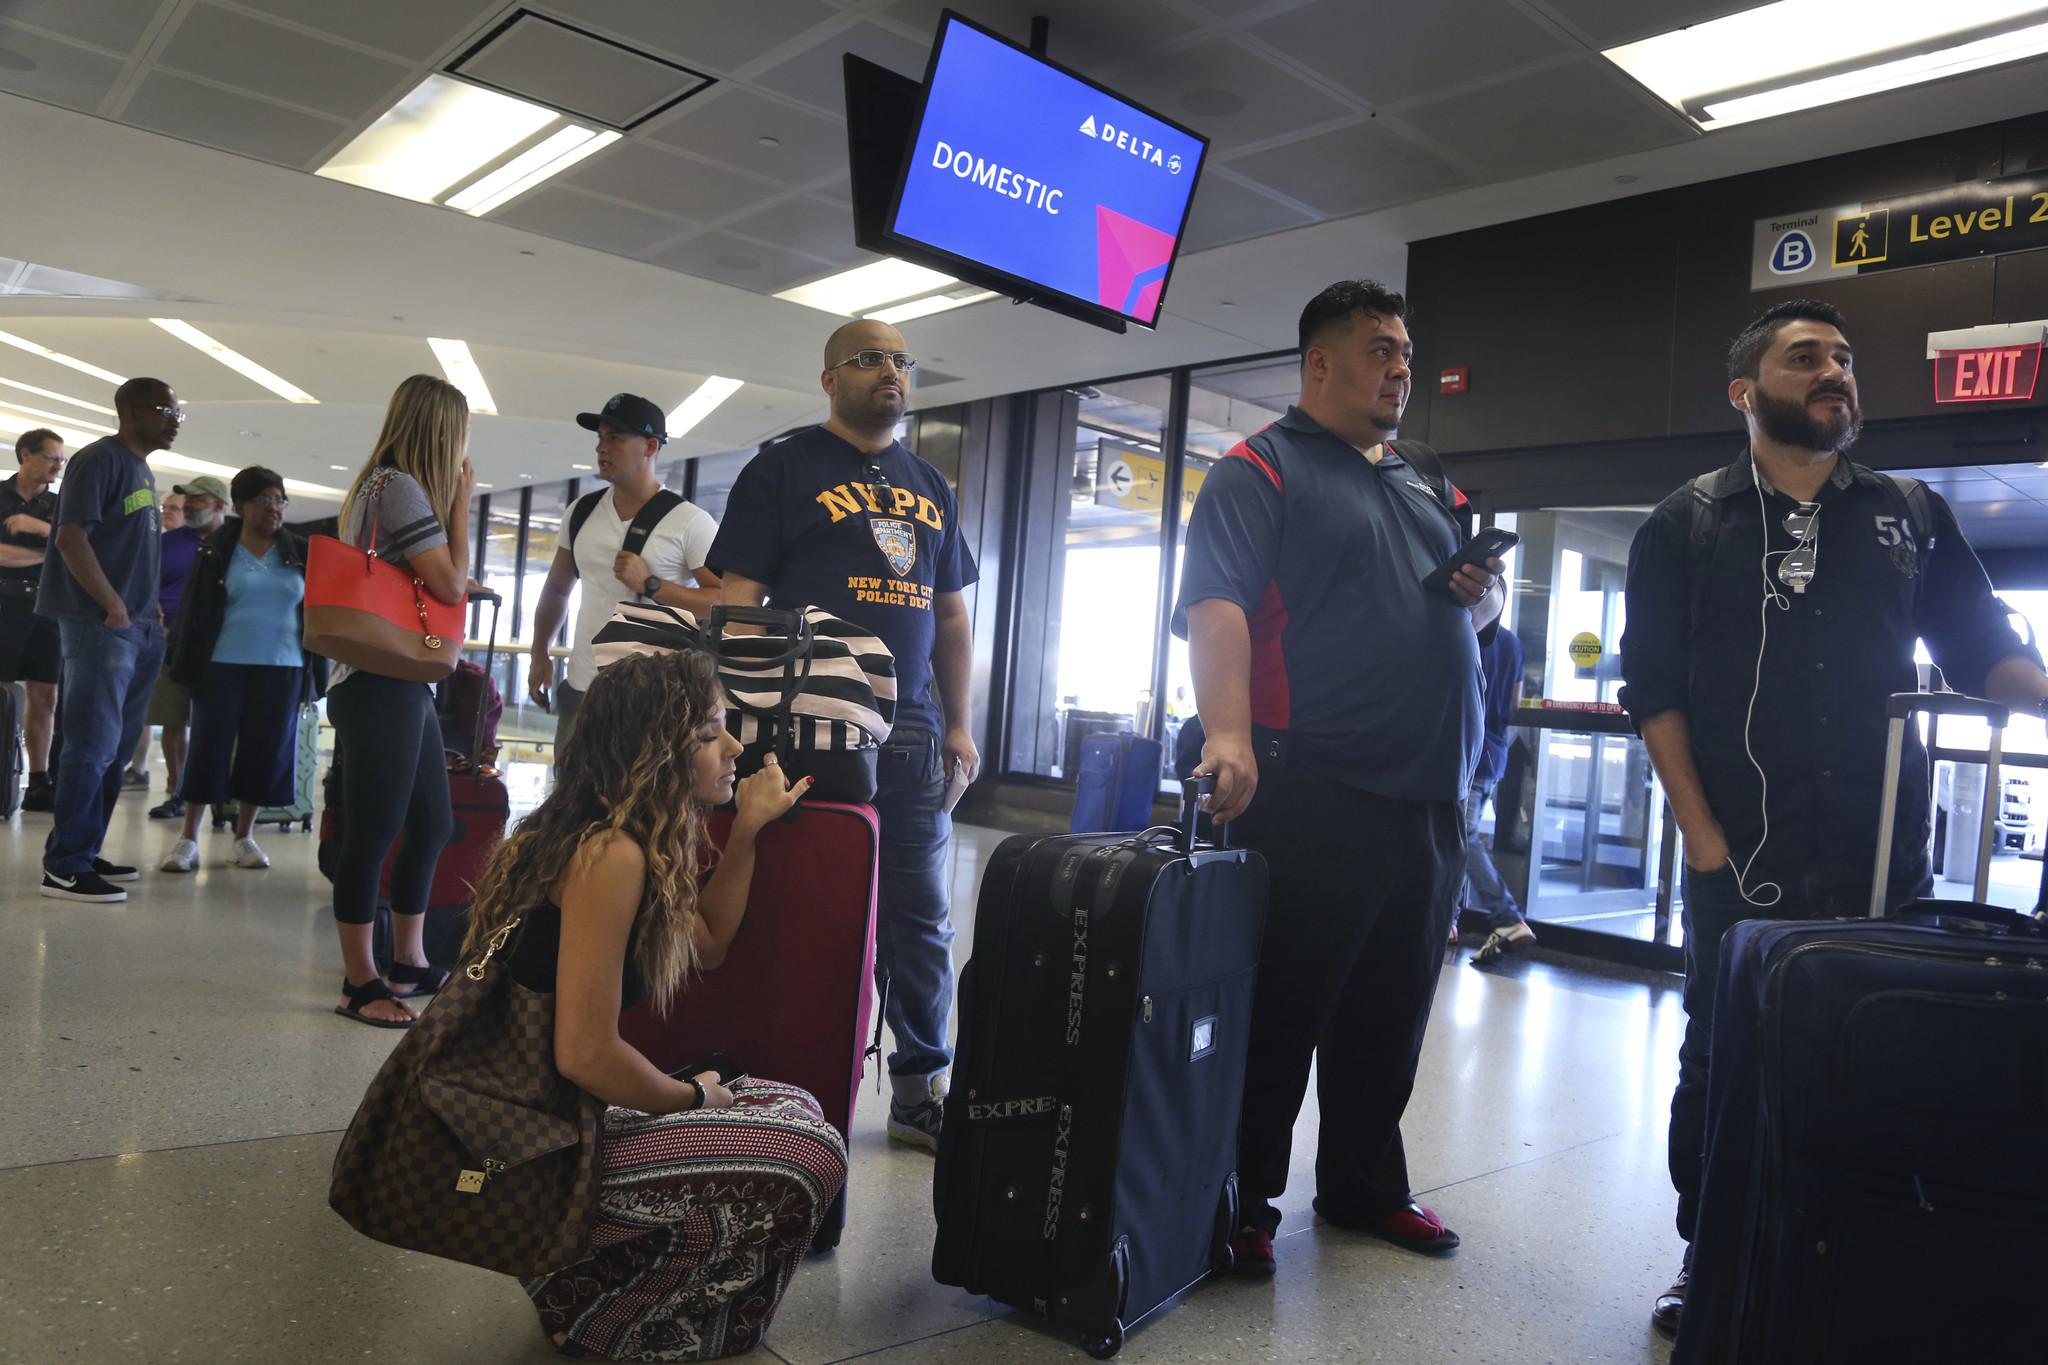 Delta reanuda parte de su servicio; muchos pasajeros varados - Hoy ...